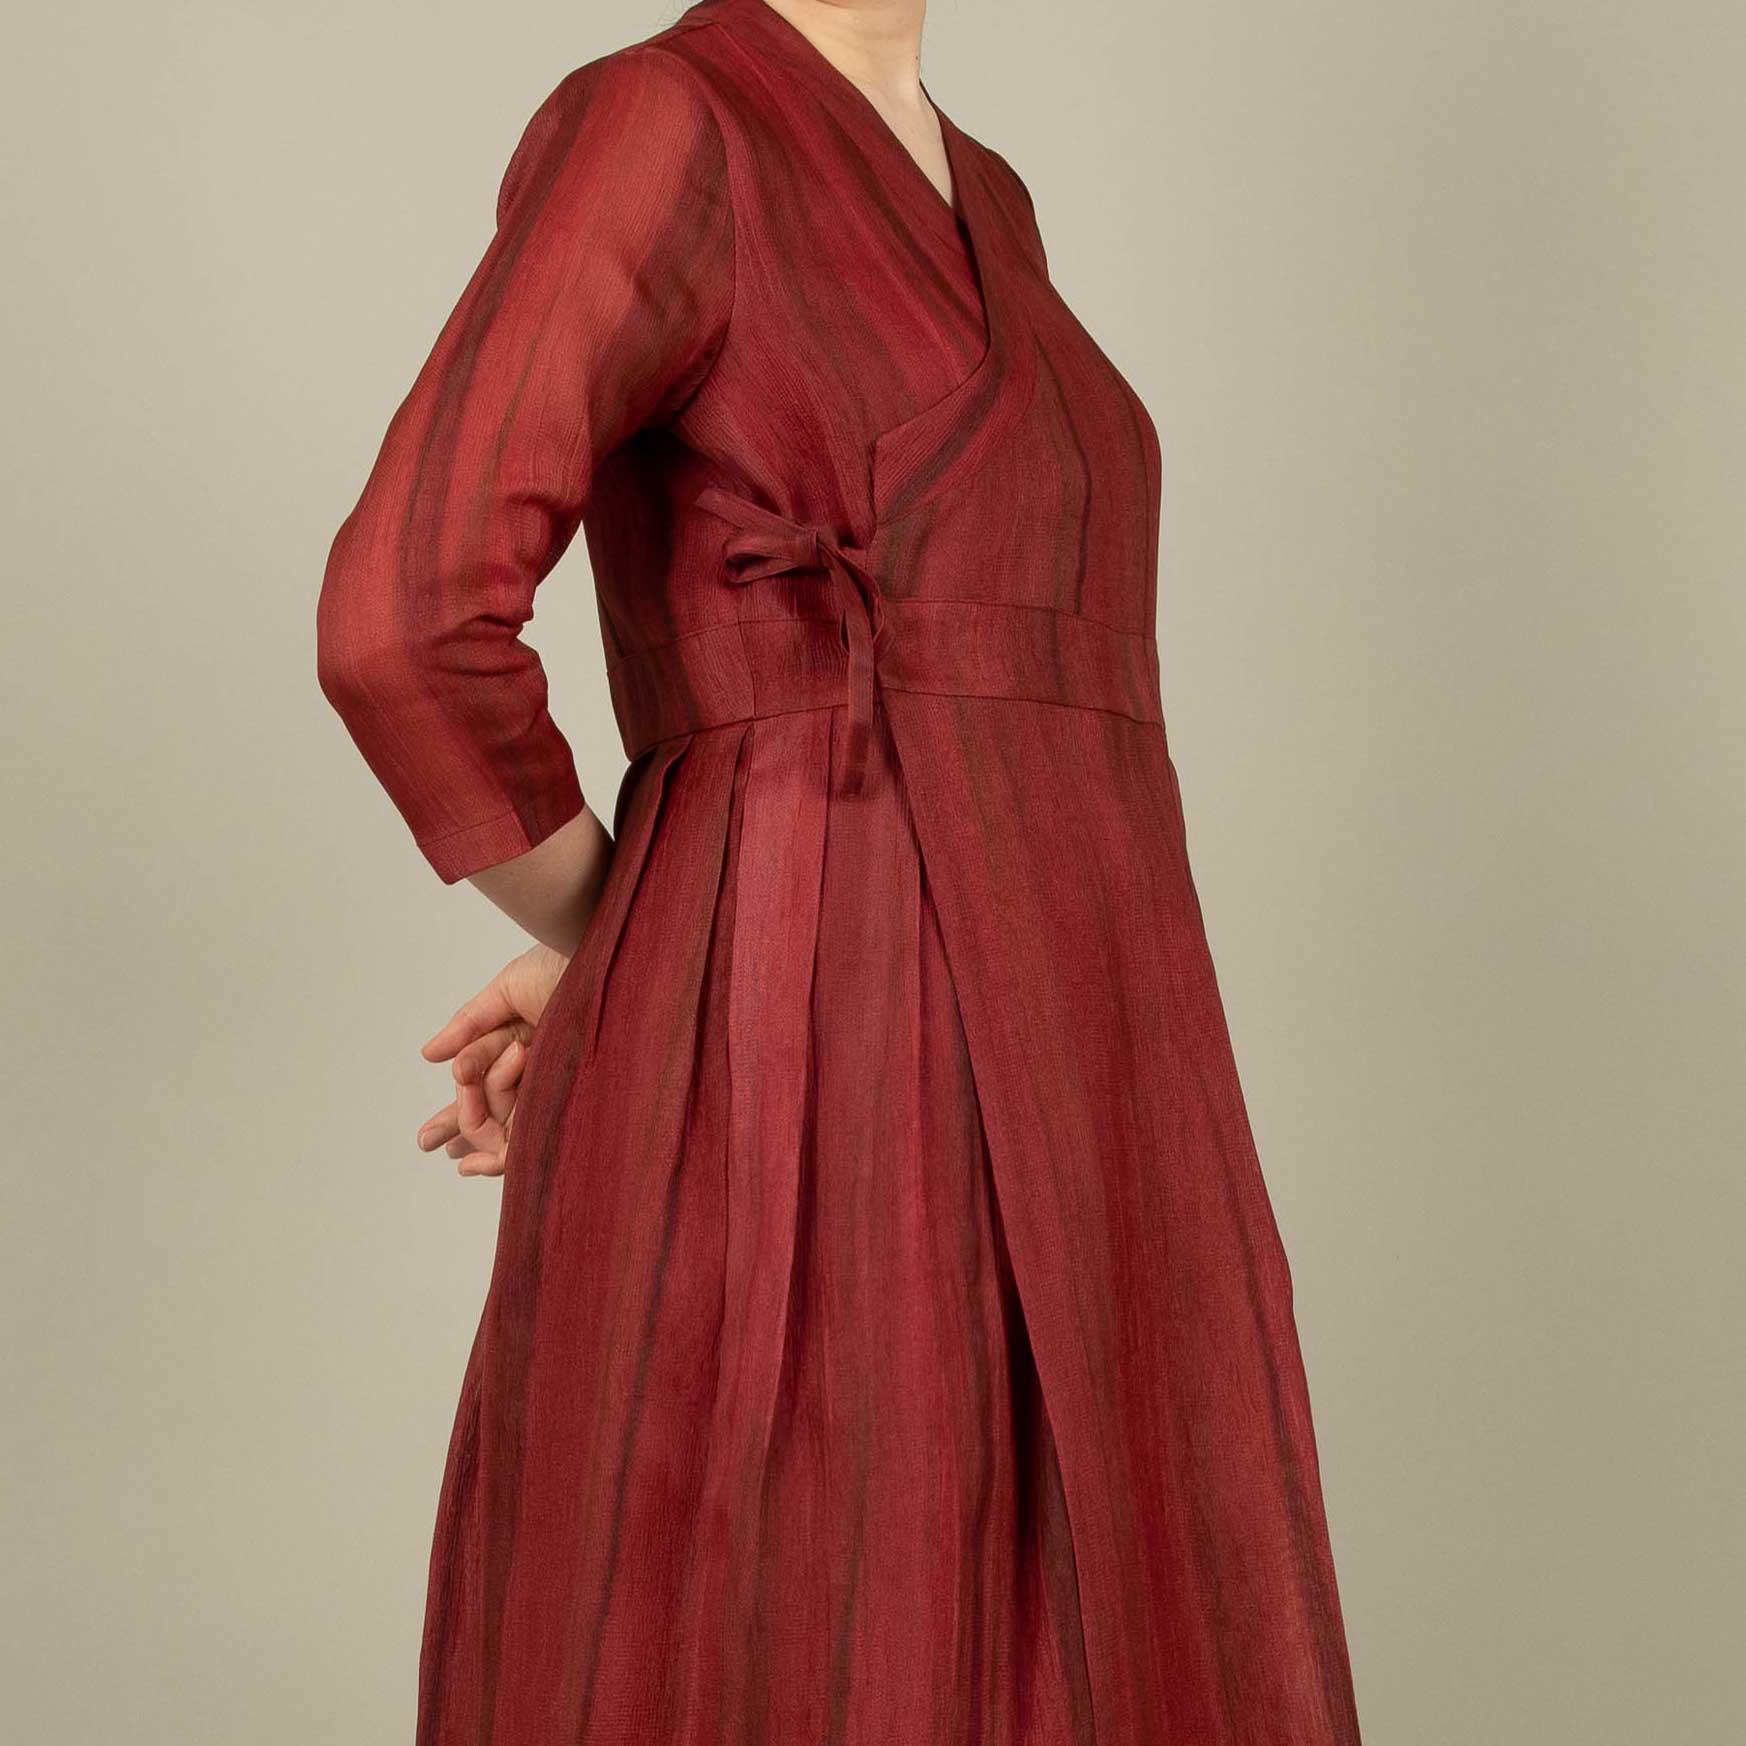 여성 생활한복 천연 염색 메시인견 철릭 원피스 빨강색 소목염색 (POP 5472583611)